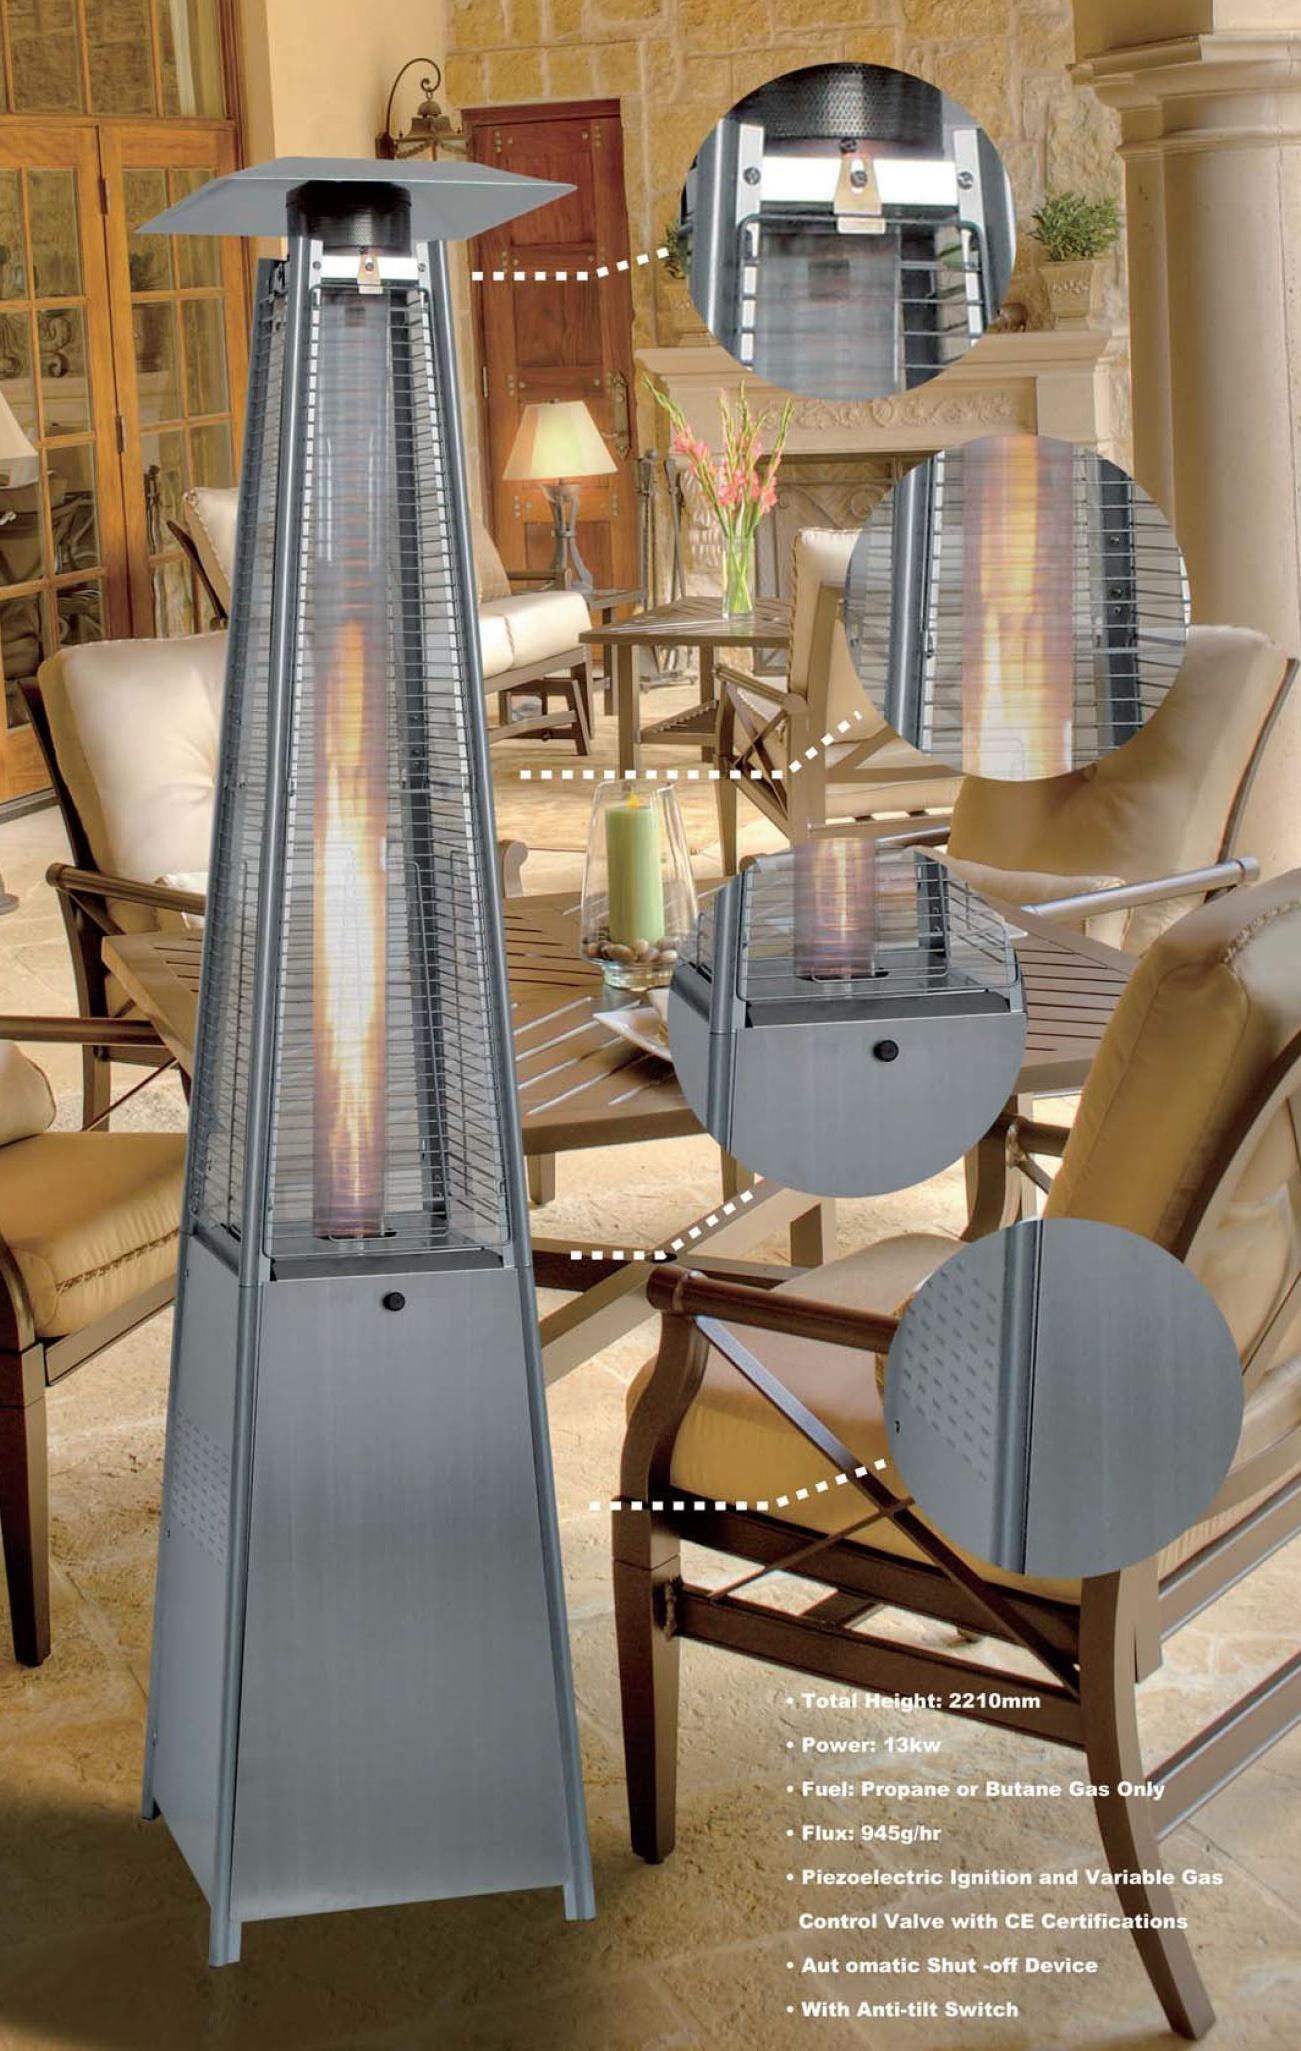 Square Pyramid Patio Heater